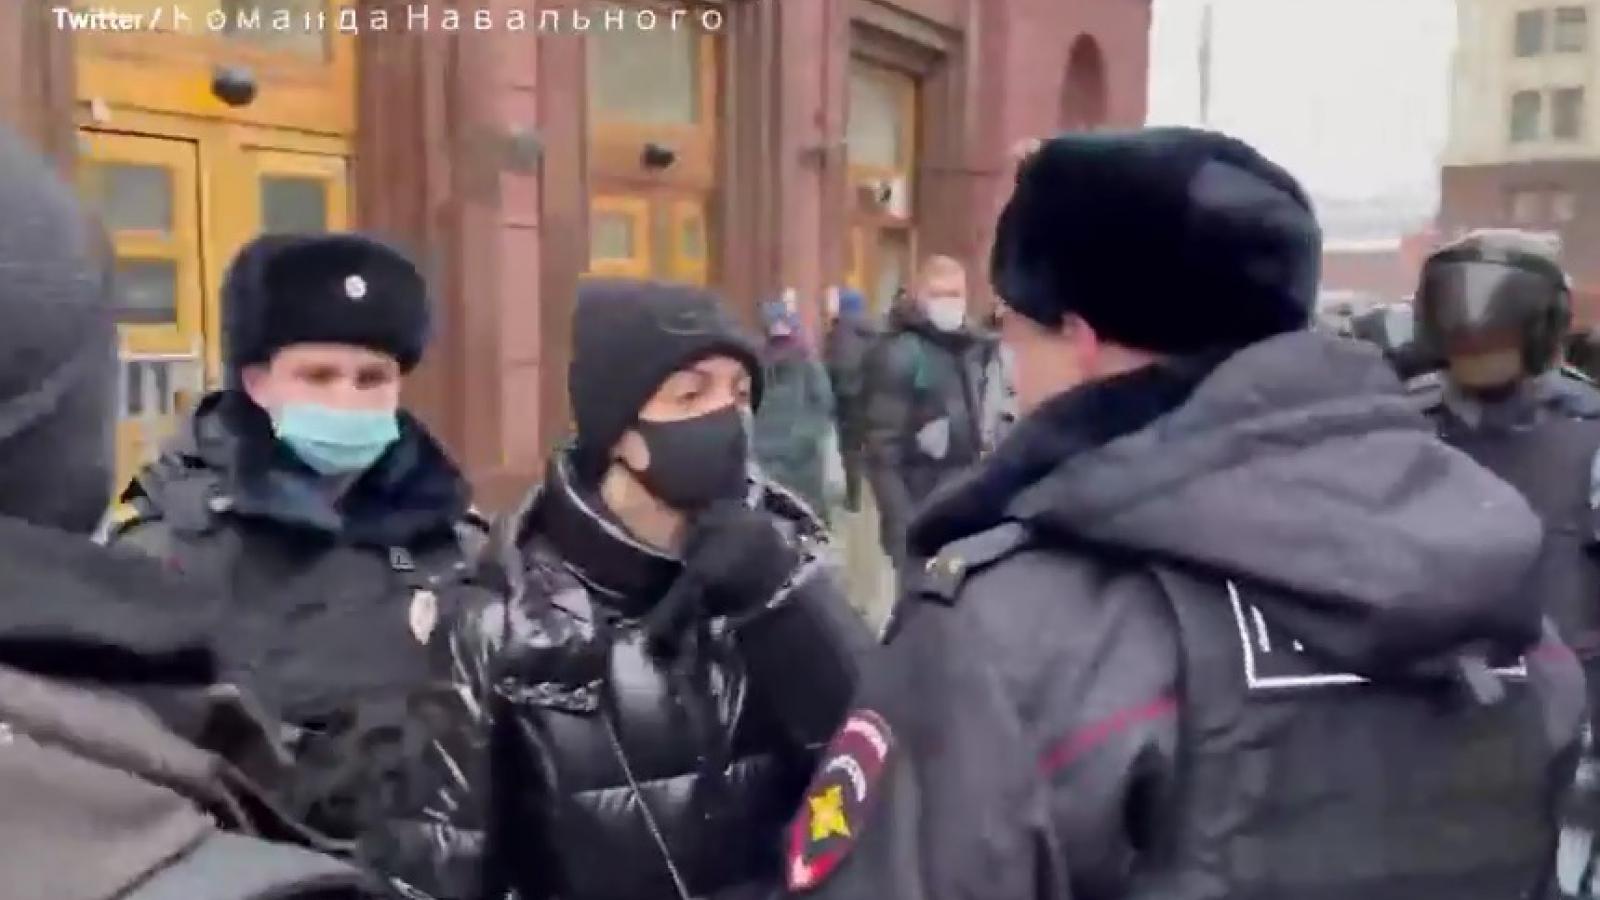 Cảnh sát Nga bắt vợ của thủ lĩnh đối lập Navalny ngay trên đường phố Moscow